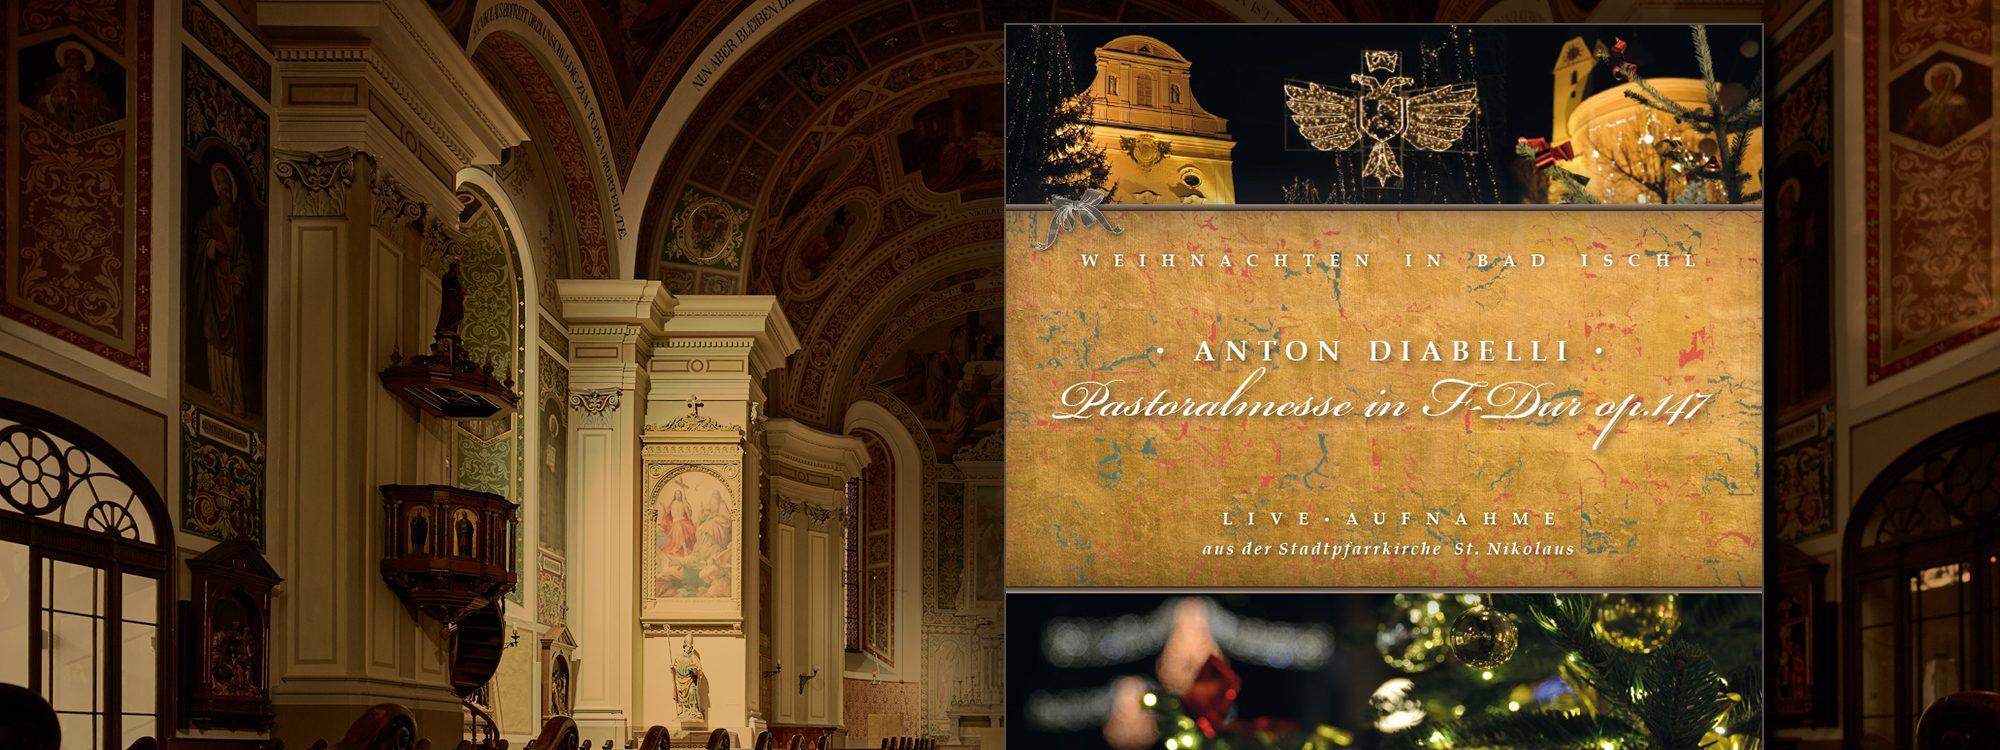 Anton Diabelli - Pastoralmesse in F-Dur op-147 - Live-Aufnahme auf CD